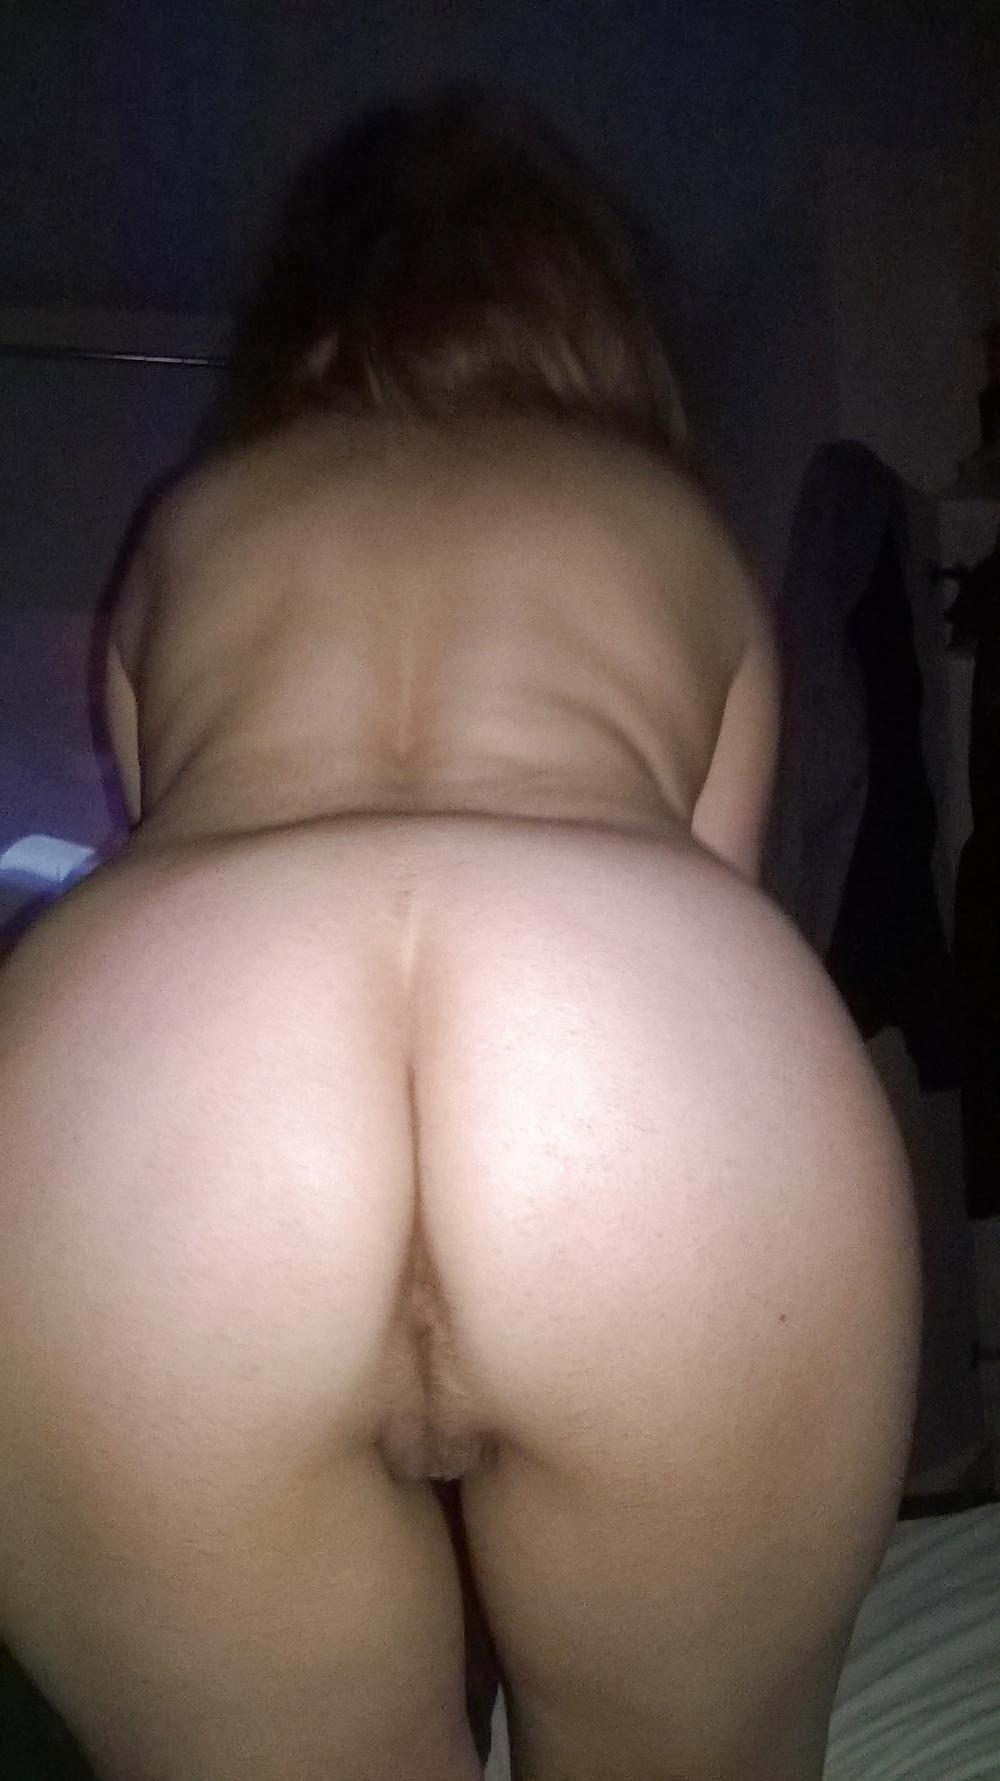 Short latinas nude